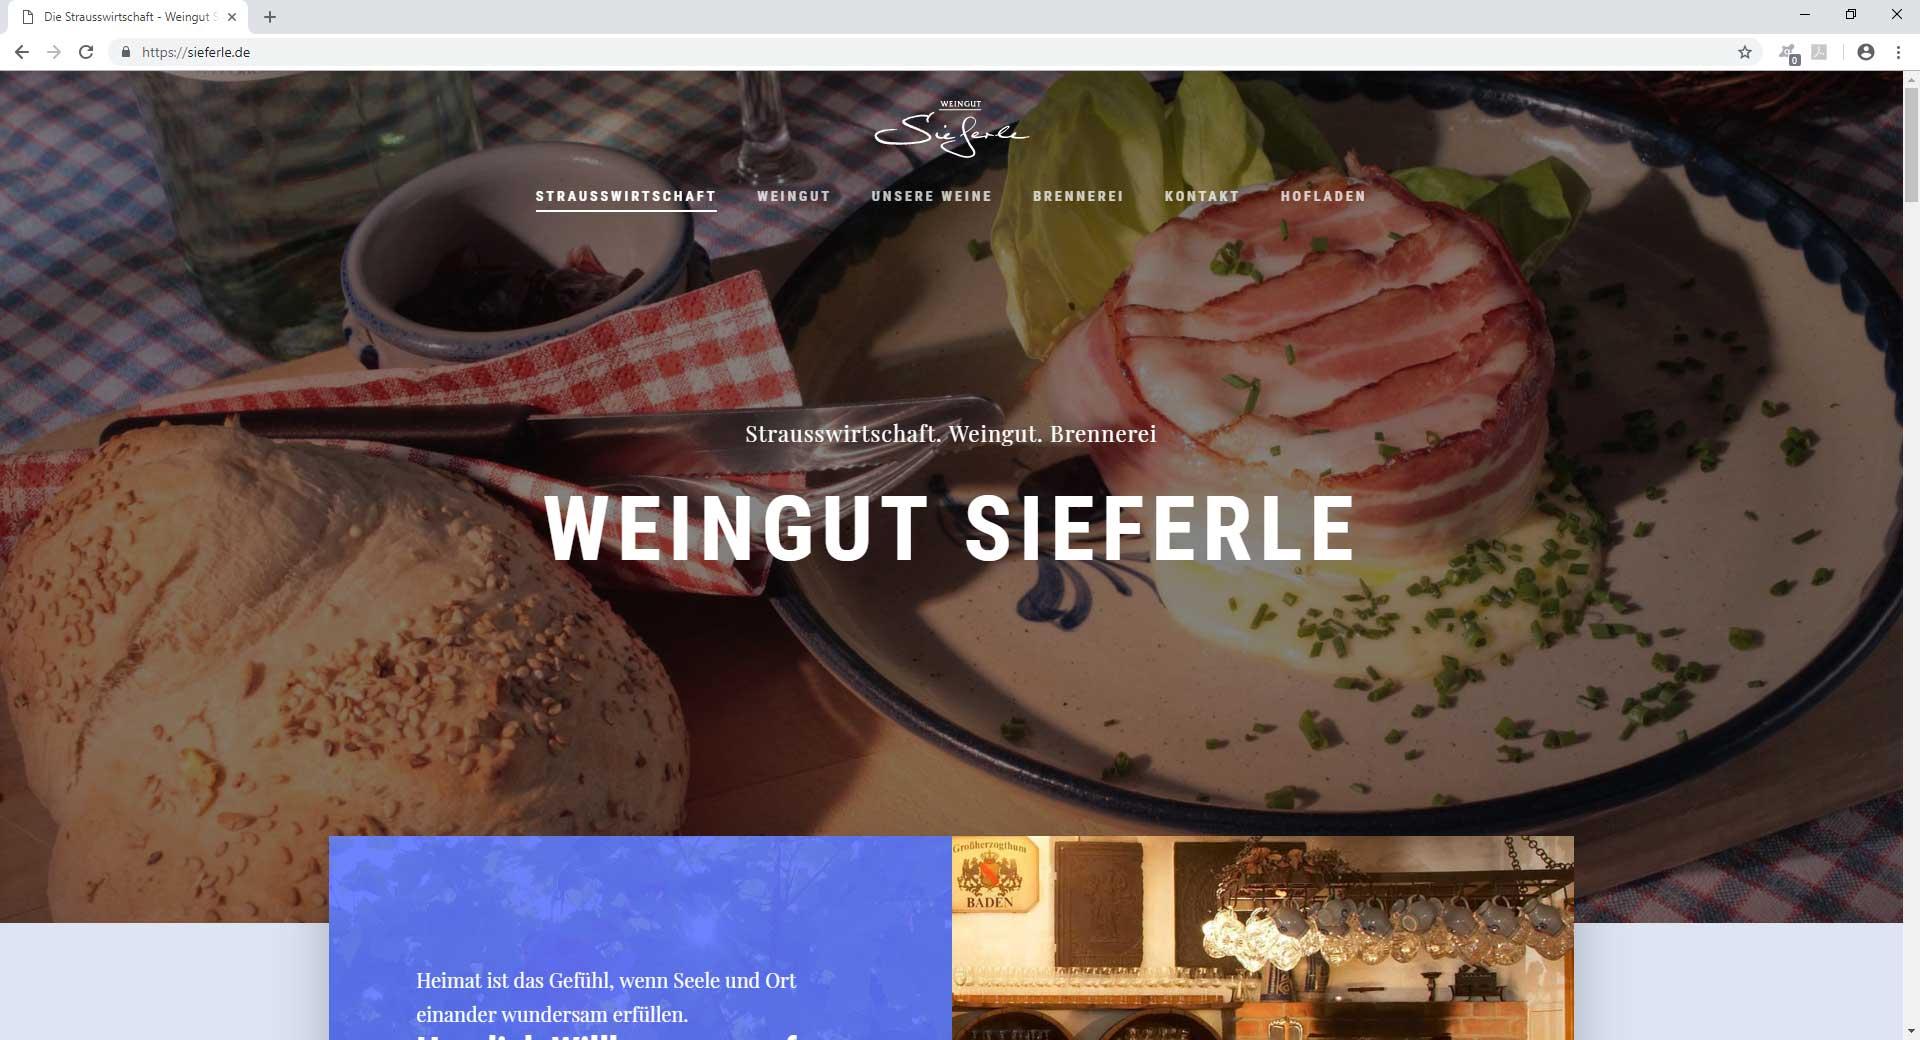 Webseite Strausswirtschaft und weingut Sieferle